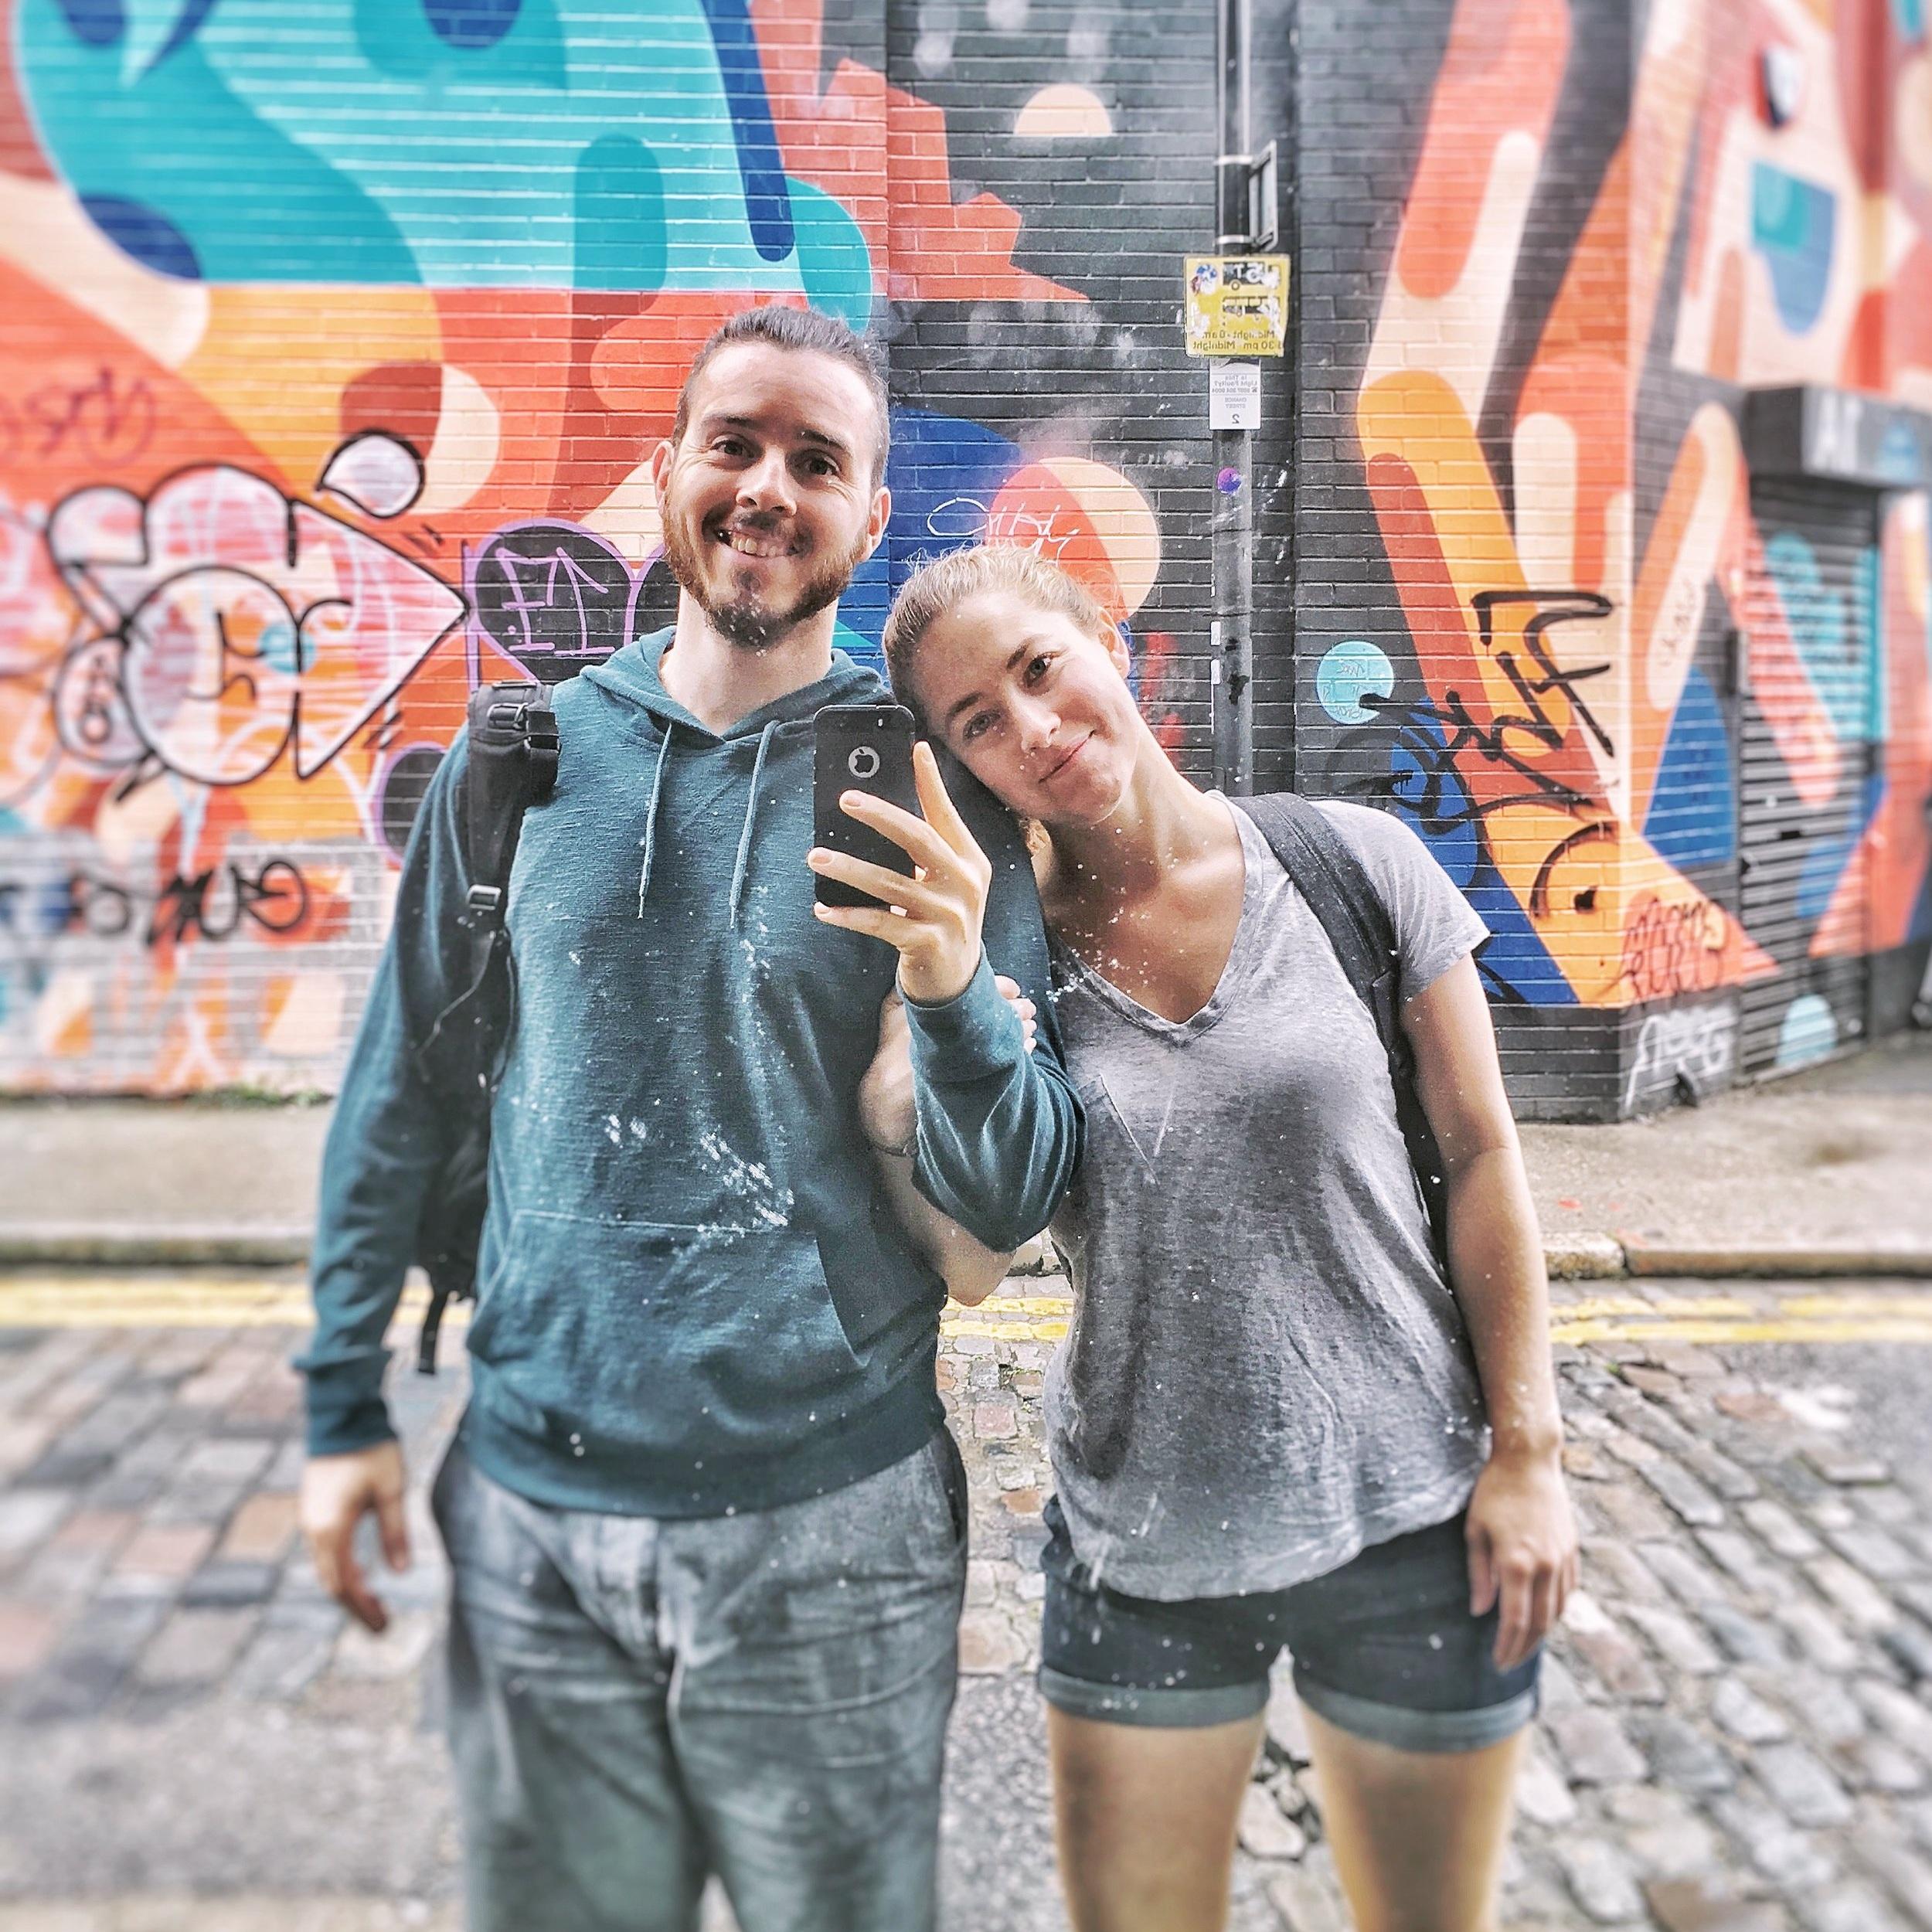 Robert and Sara in London, 2017